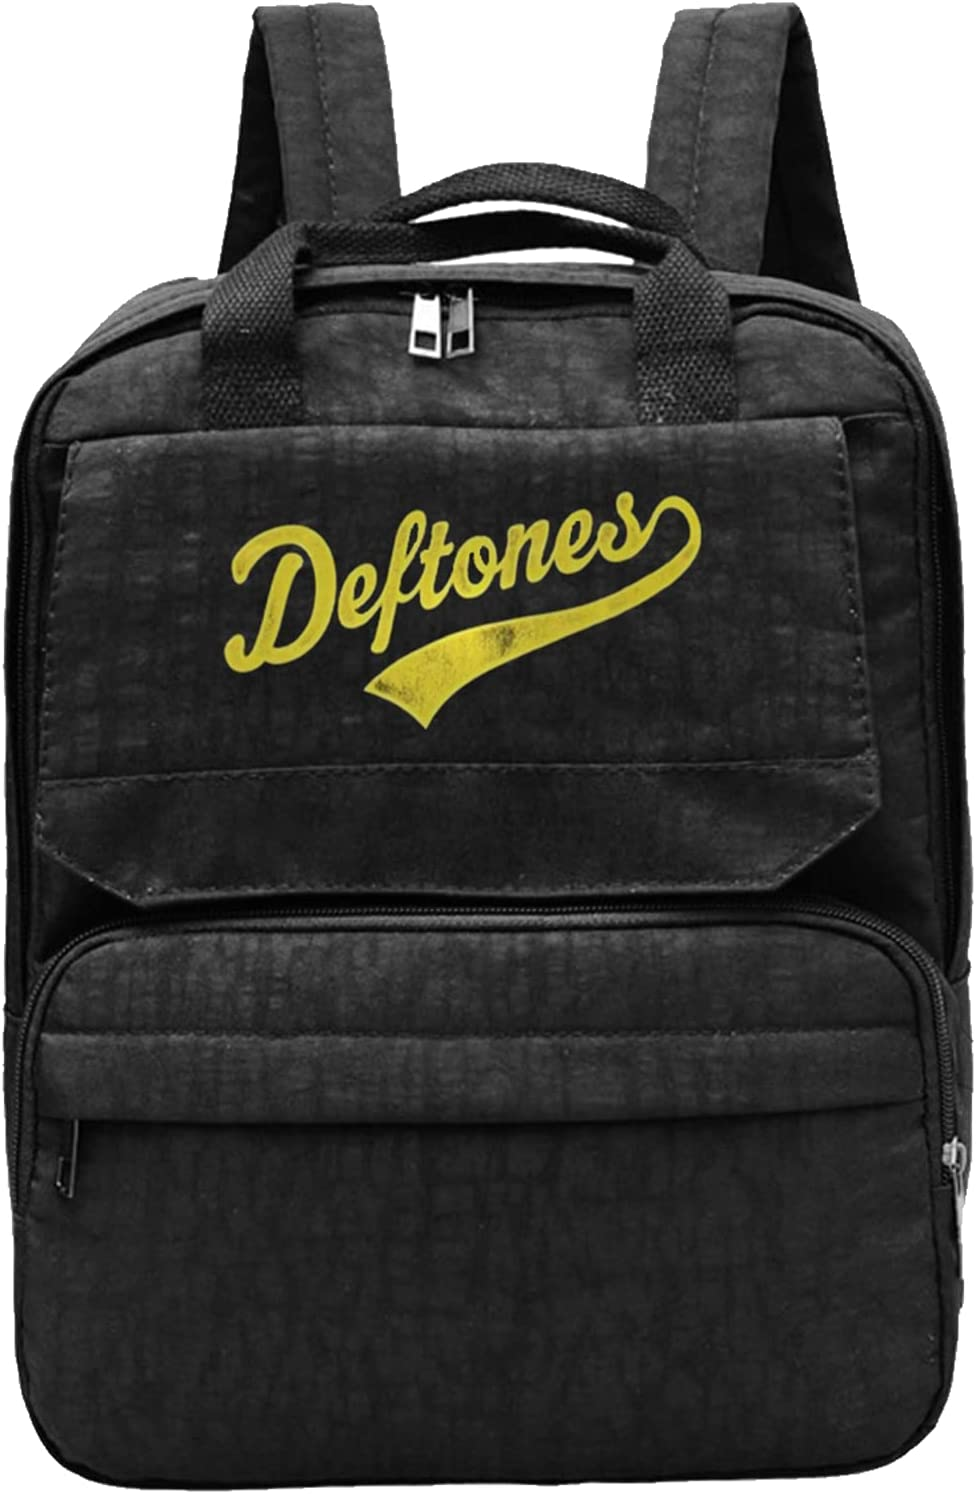 Deftones Women'S Portable Shoulder Bag For Studing